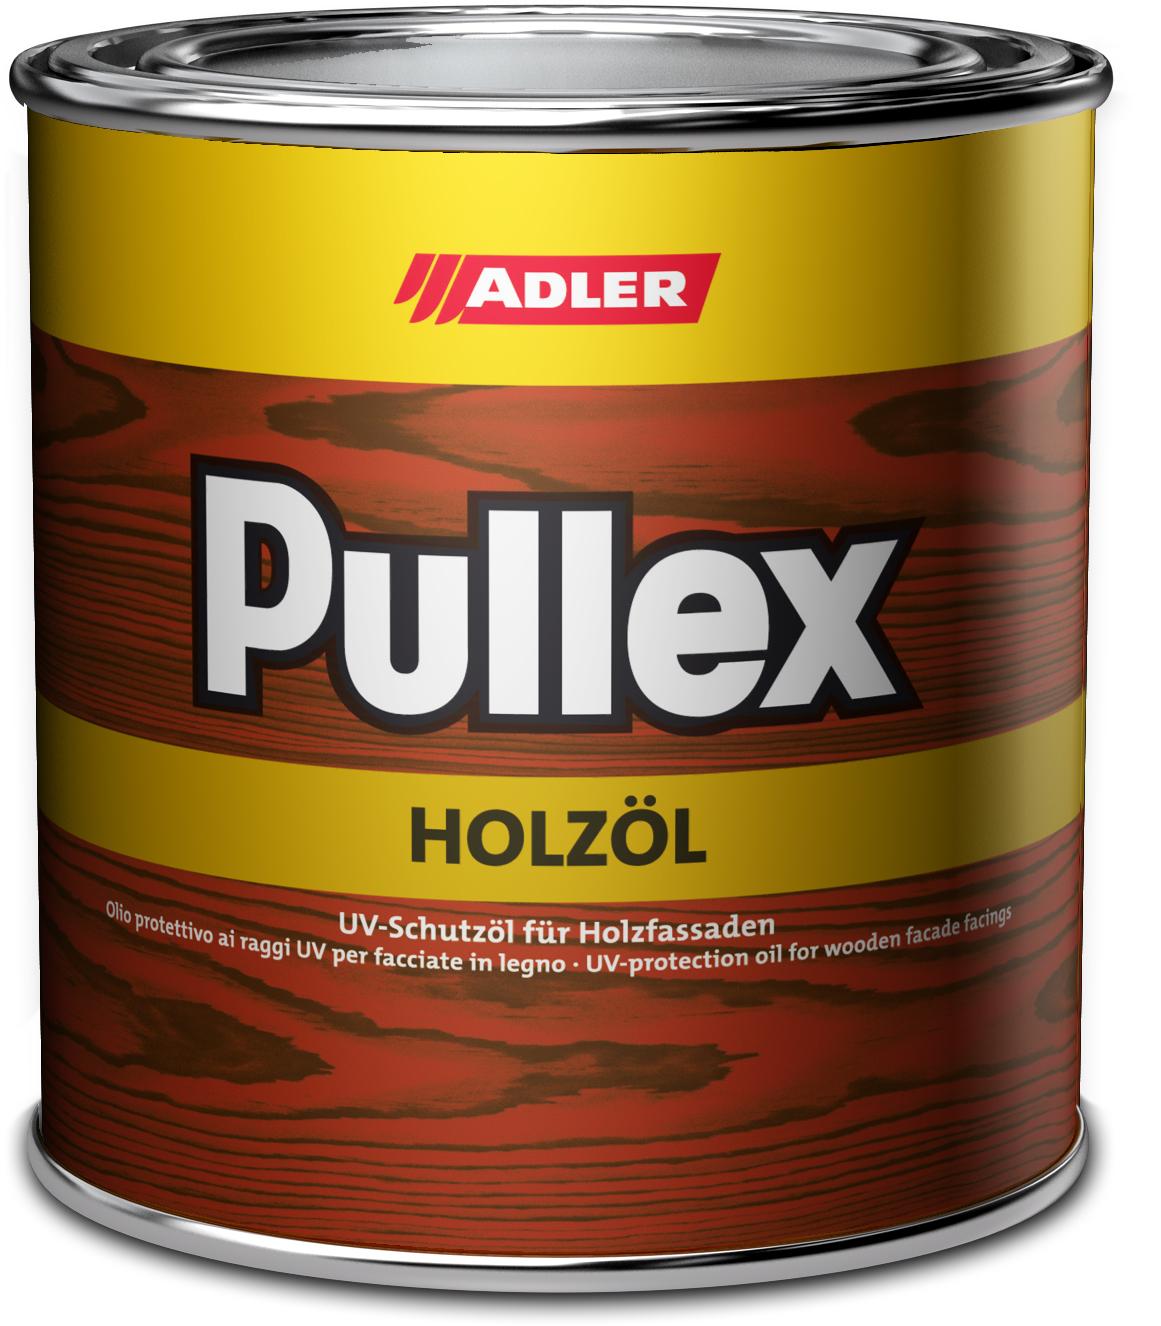 Adler Pullex Holzöl - UV ochranný olej na drevodomy a drevené obloženie 750 ml miešanie